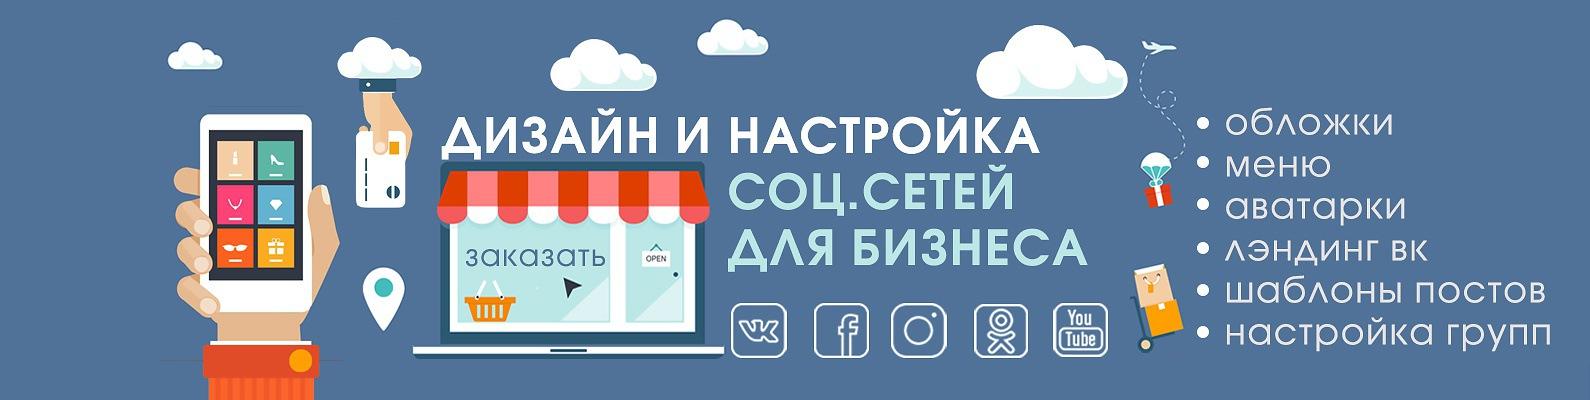 В последнее время социальные сети стали популярными для рекламодателей.